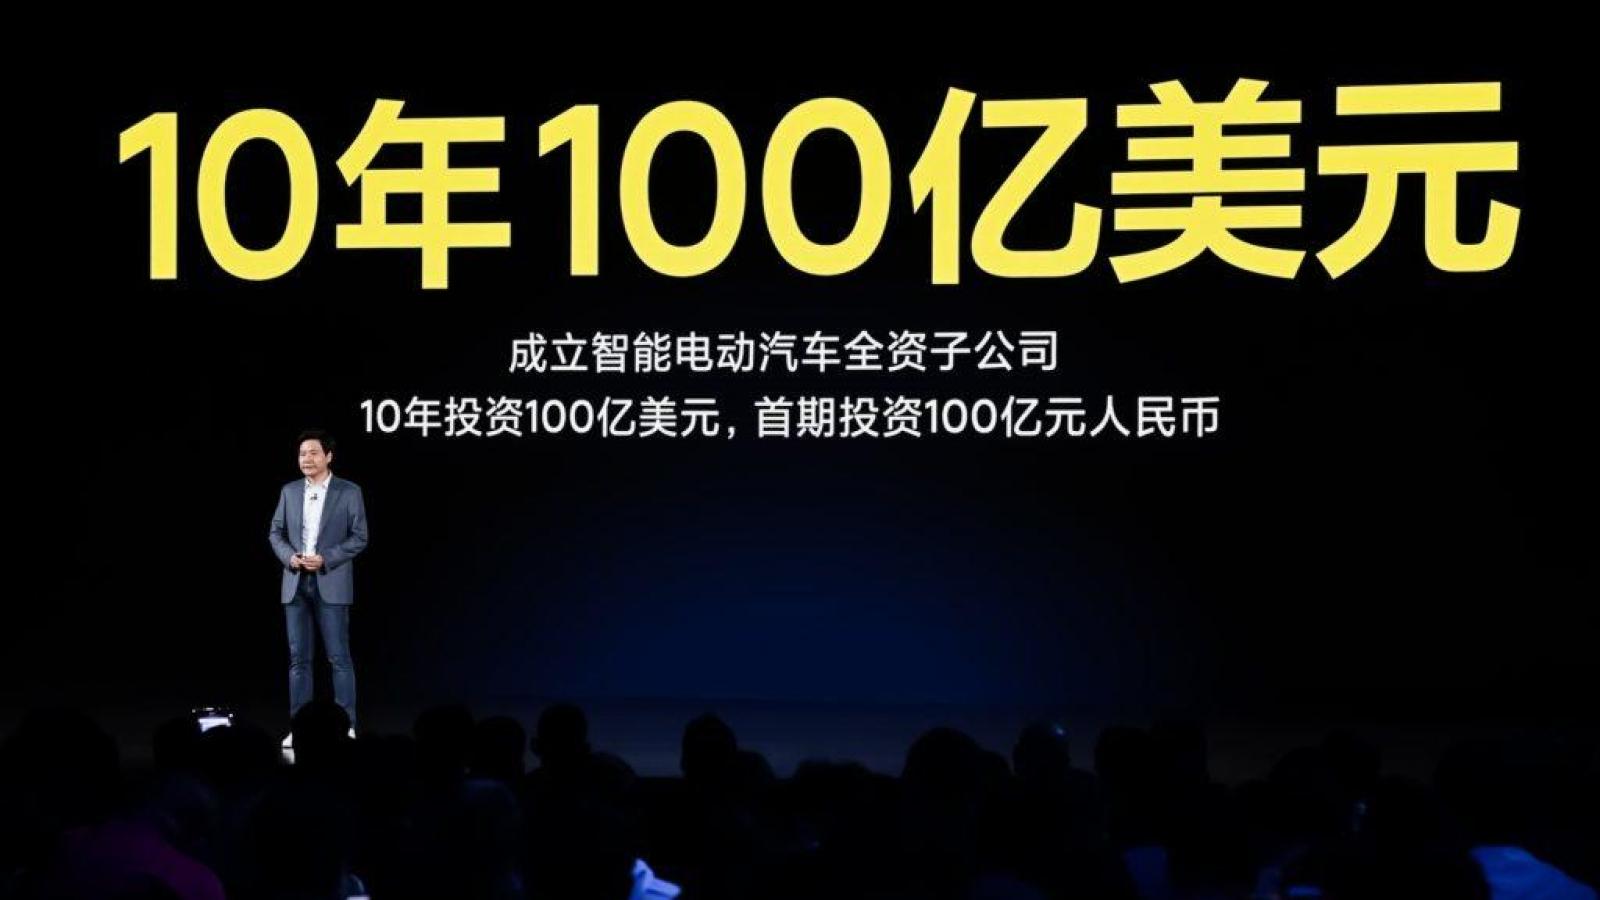 Xiaomi chi đậm 10 tỷ USD cho ô tô điện trong 10 năm